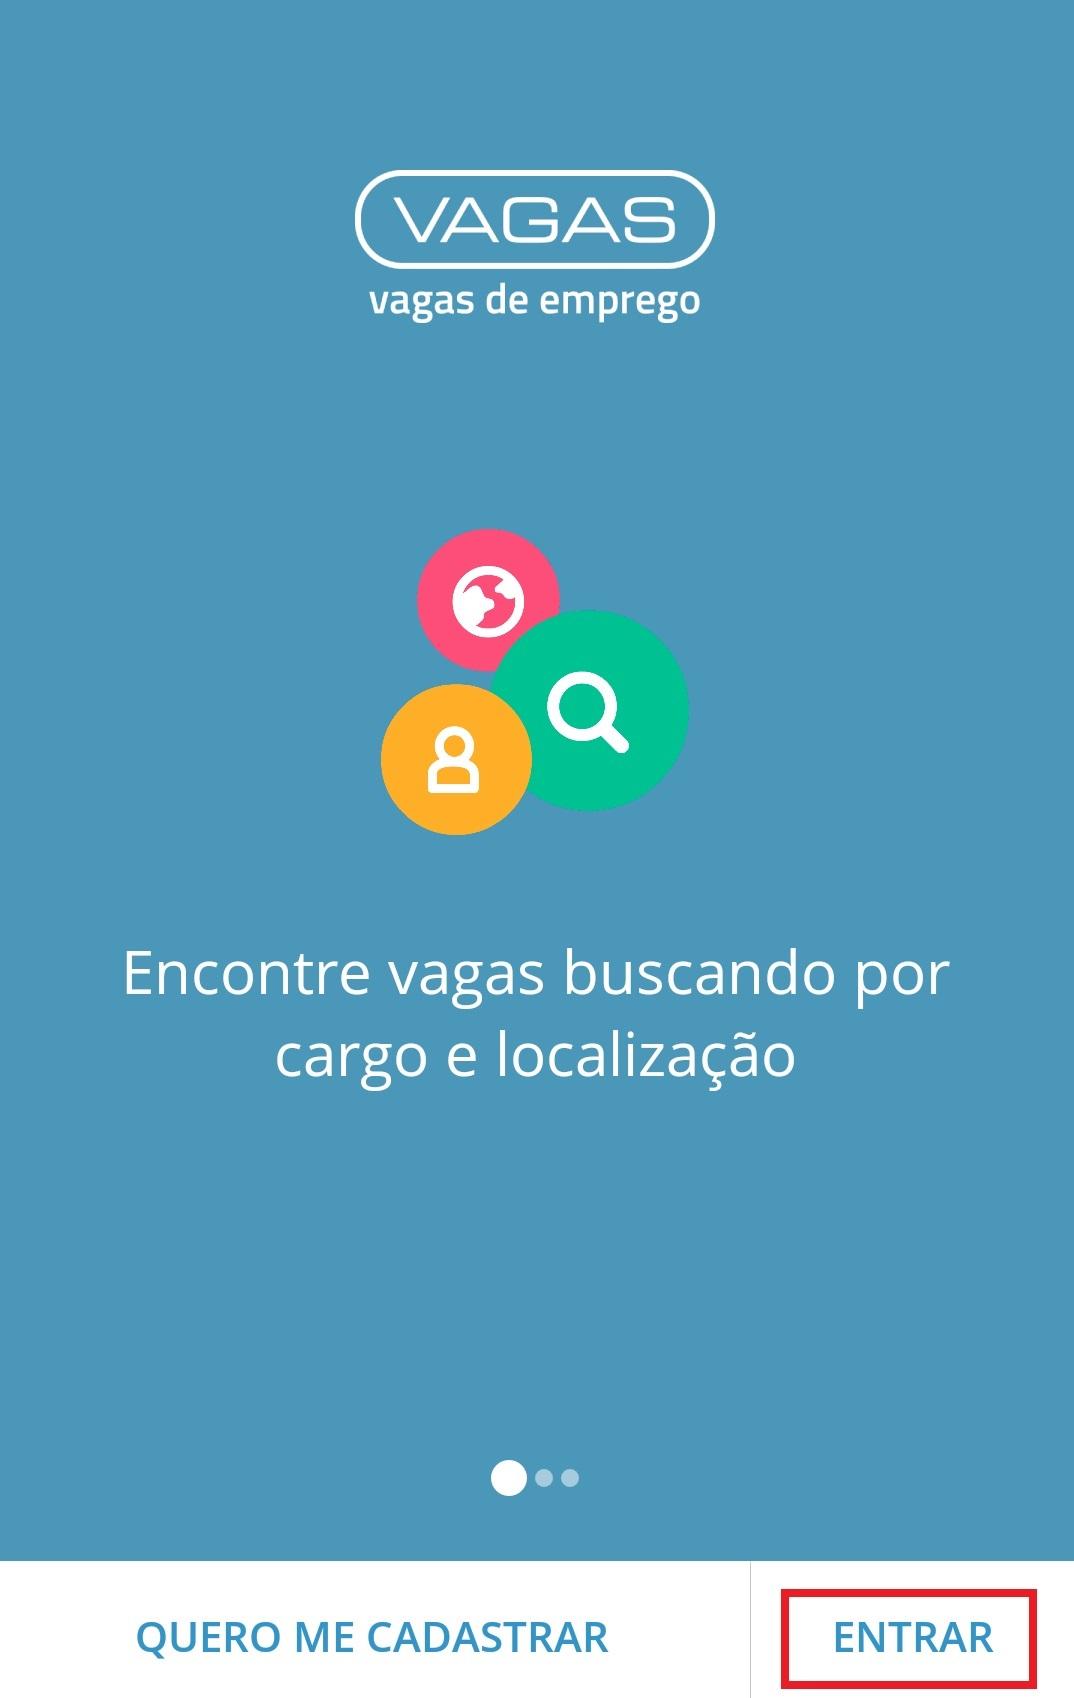 Tela de abertura do app VAGAS